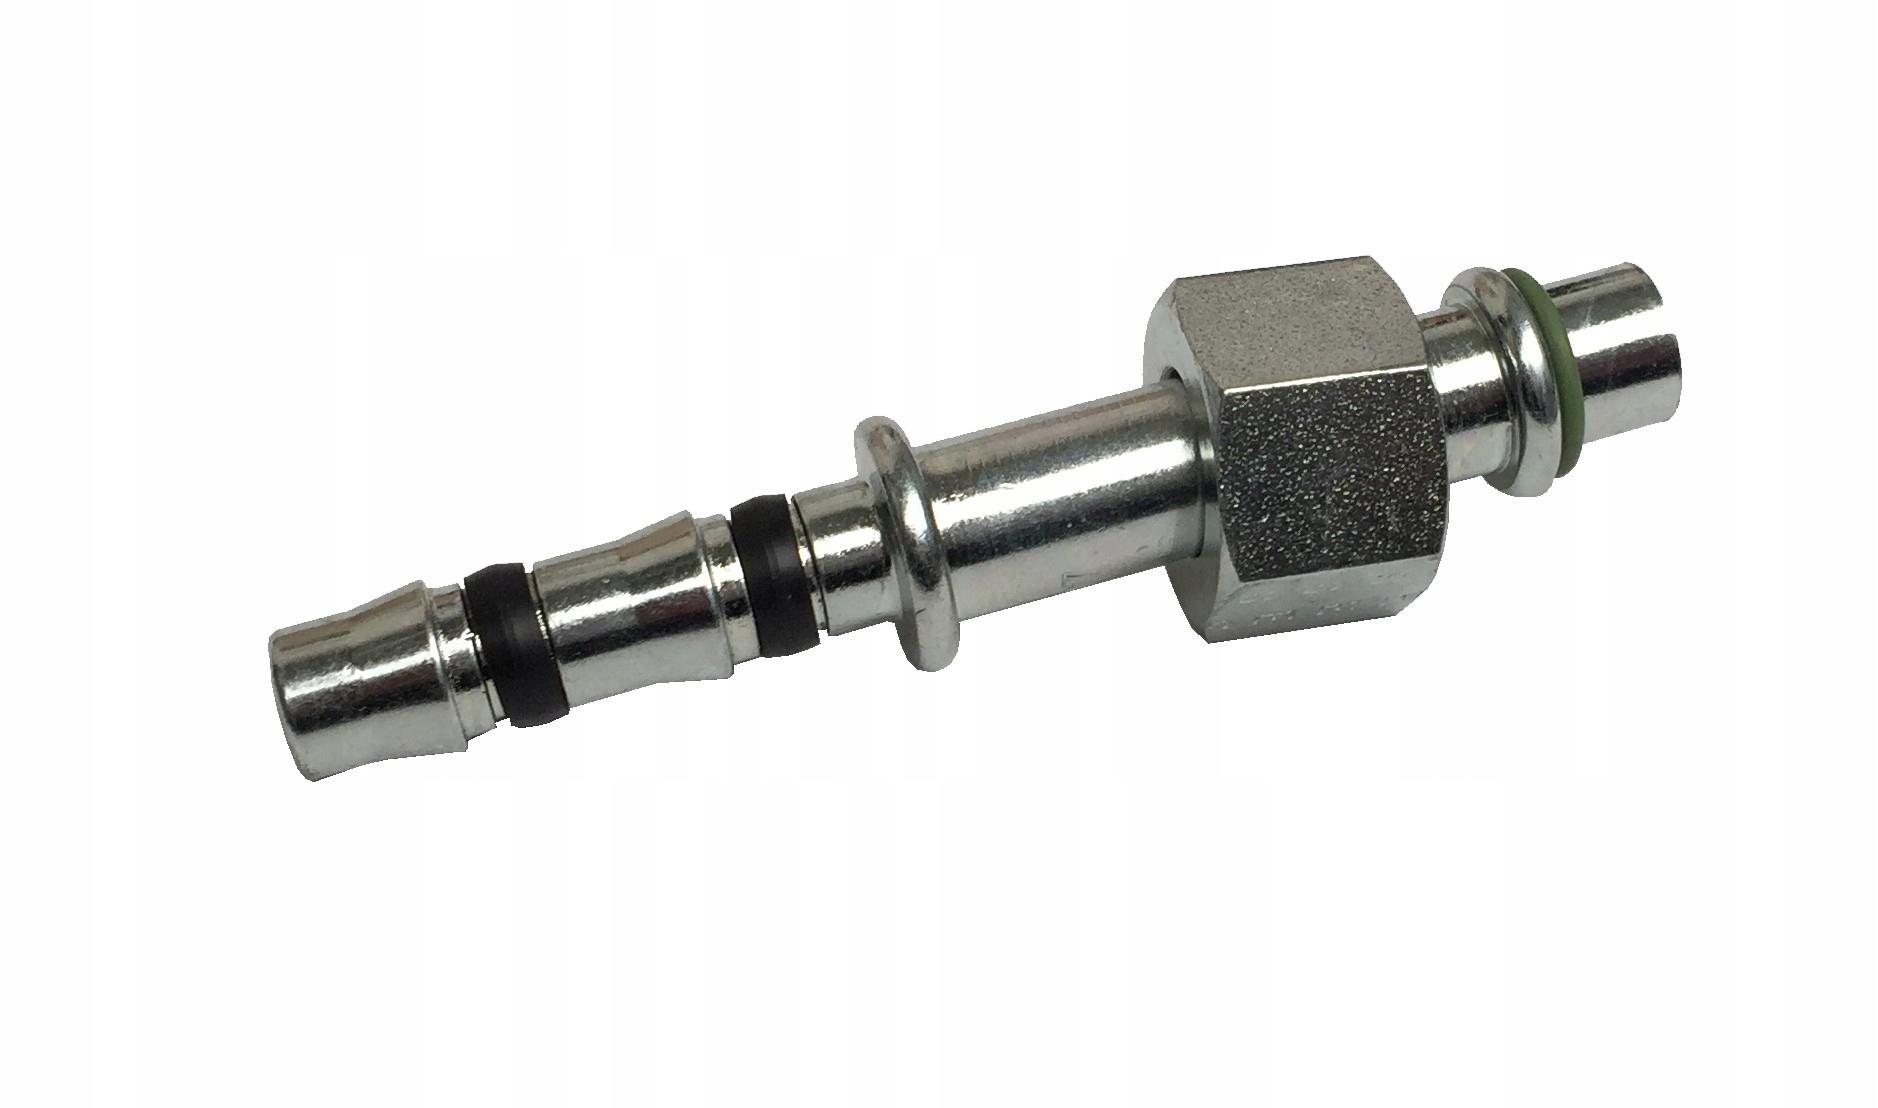 разъем наконечник g8 на шланг sr10mm гайка 22